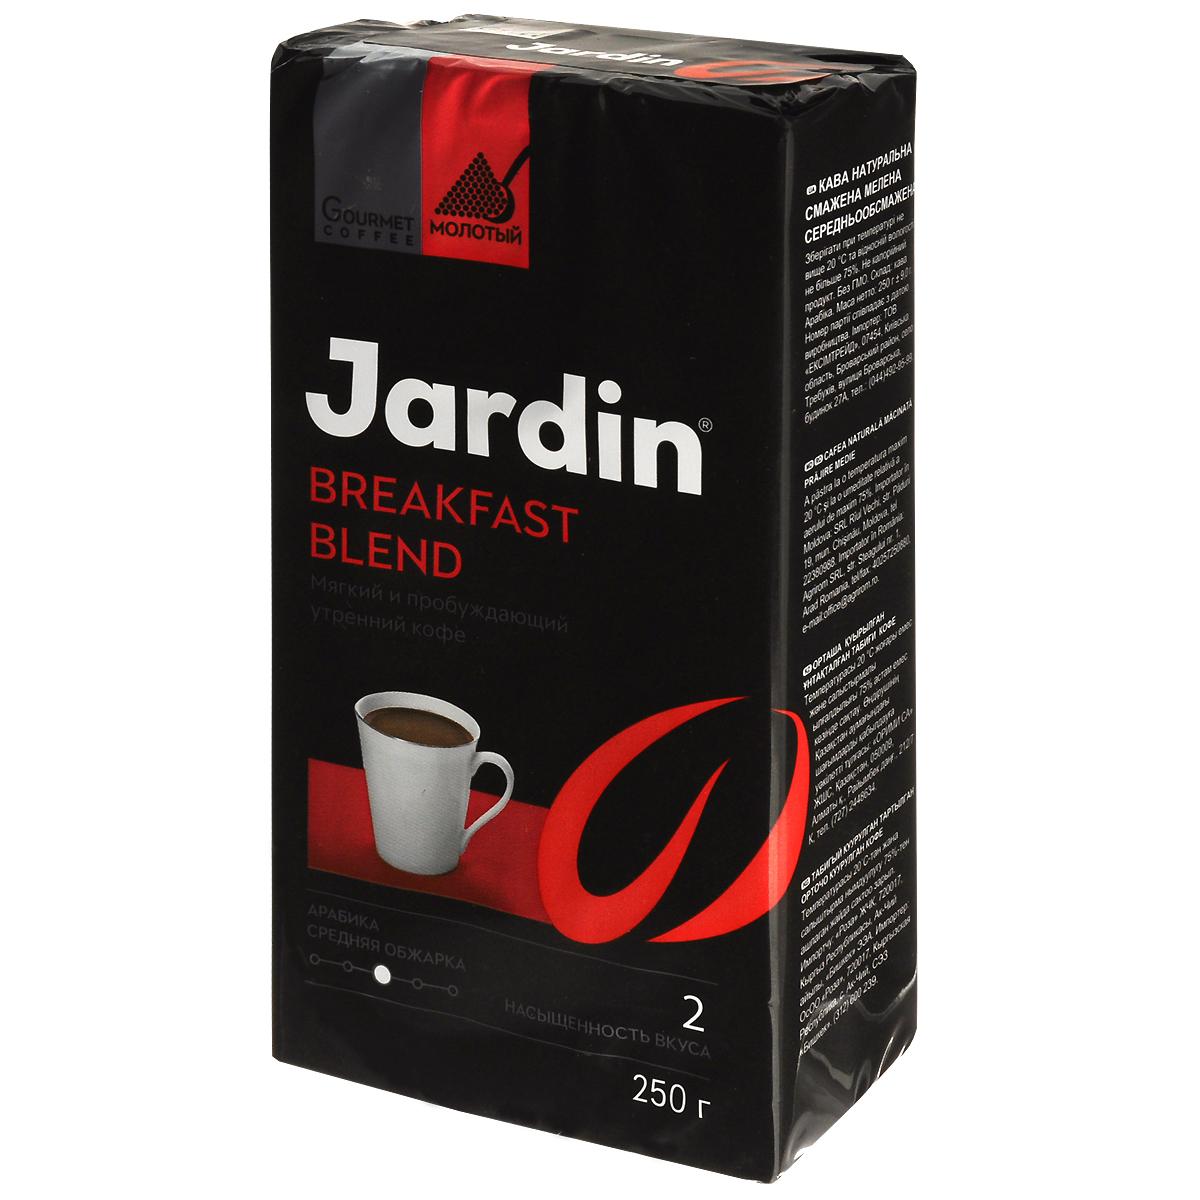 Jardin Breakfast Blend кофе молотый, 250 г1002-26Два сорта эксклюзивной Арабики - Бразилия Сул де Минас и Гватемала Антигуа - соединяются в утонченной композиции JJardin Breakfast Blend создавая мягкий и глубокий вкус необычайно ароматного кофе.